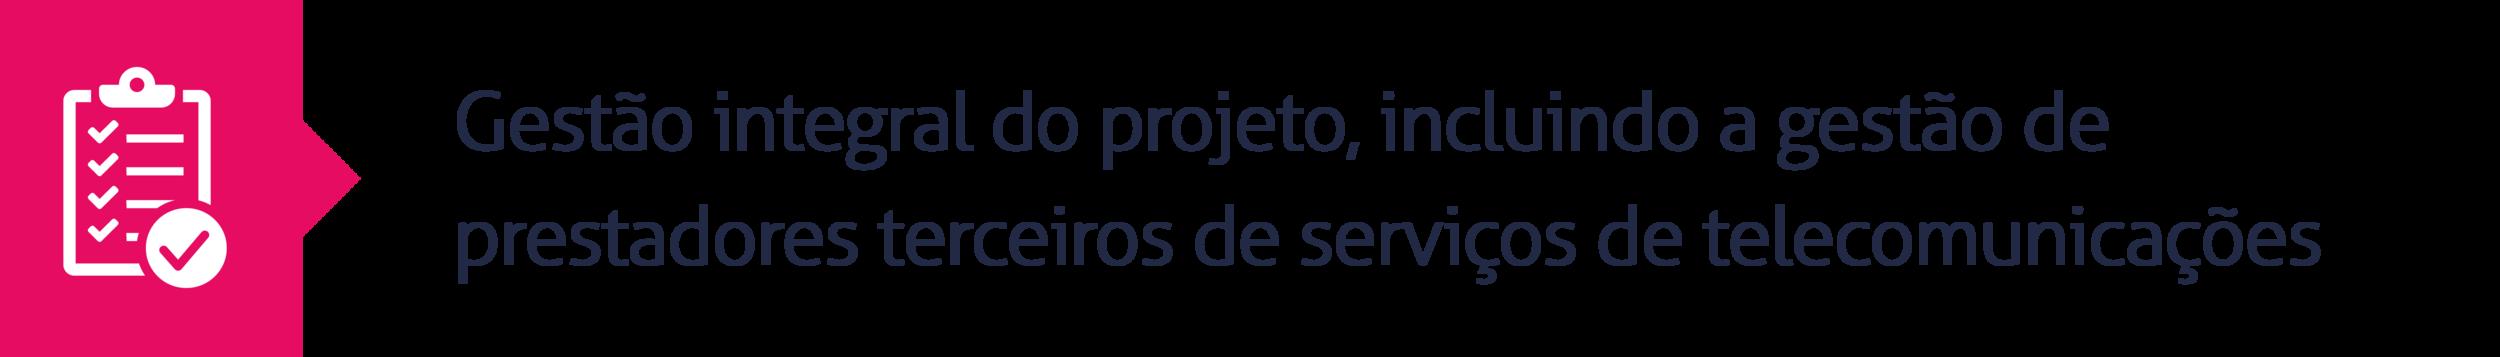 5.Gestão integral do projeto, incluindo a gestão de prestadores terceiros de serviços de telecomunicações